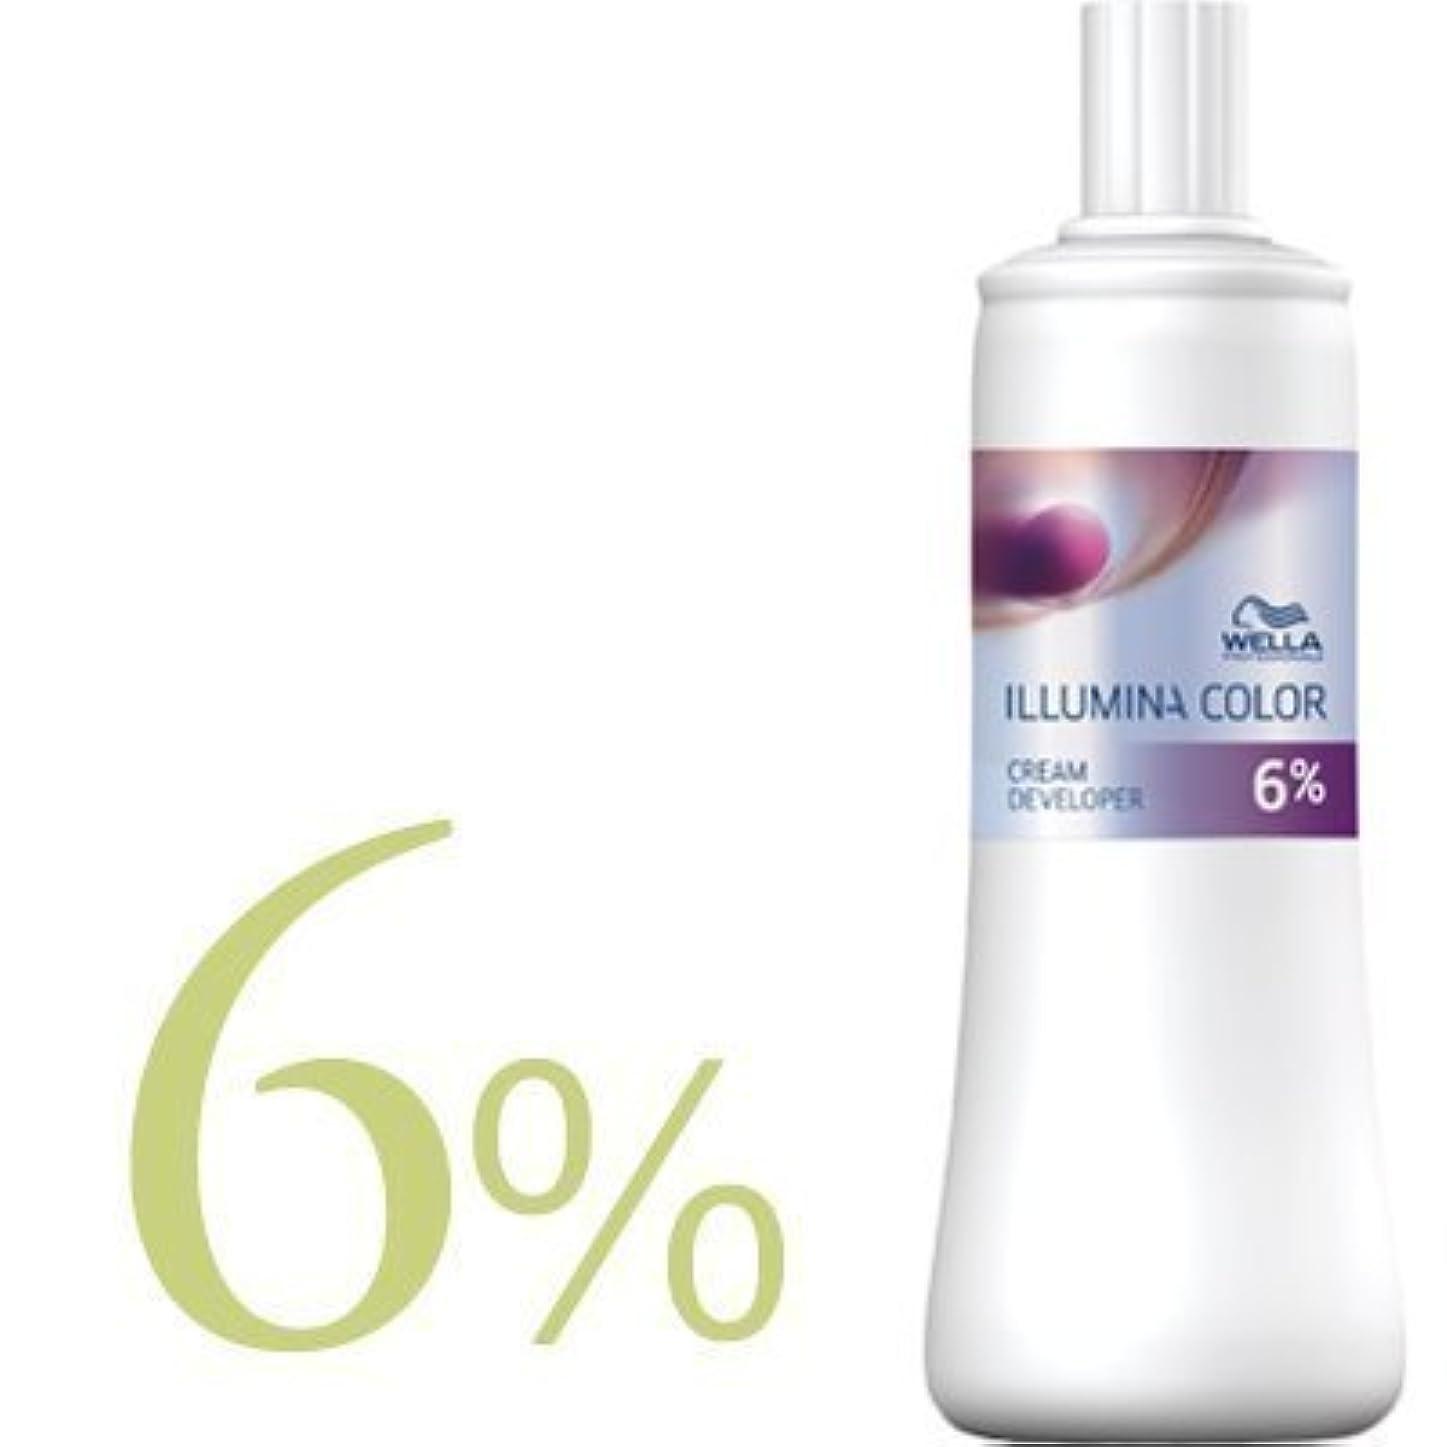 モスおっと忠実なウエラ イルミナカラー クリームディベロッパー 2剤 1000ml 【WELLA】(6%)